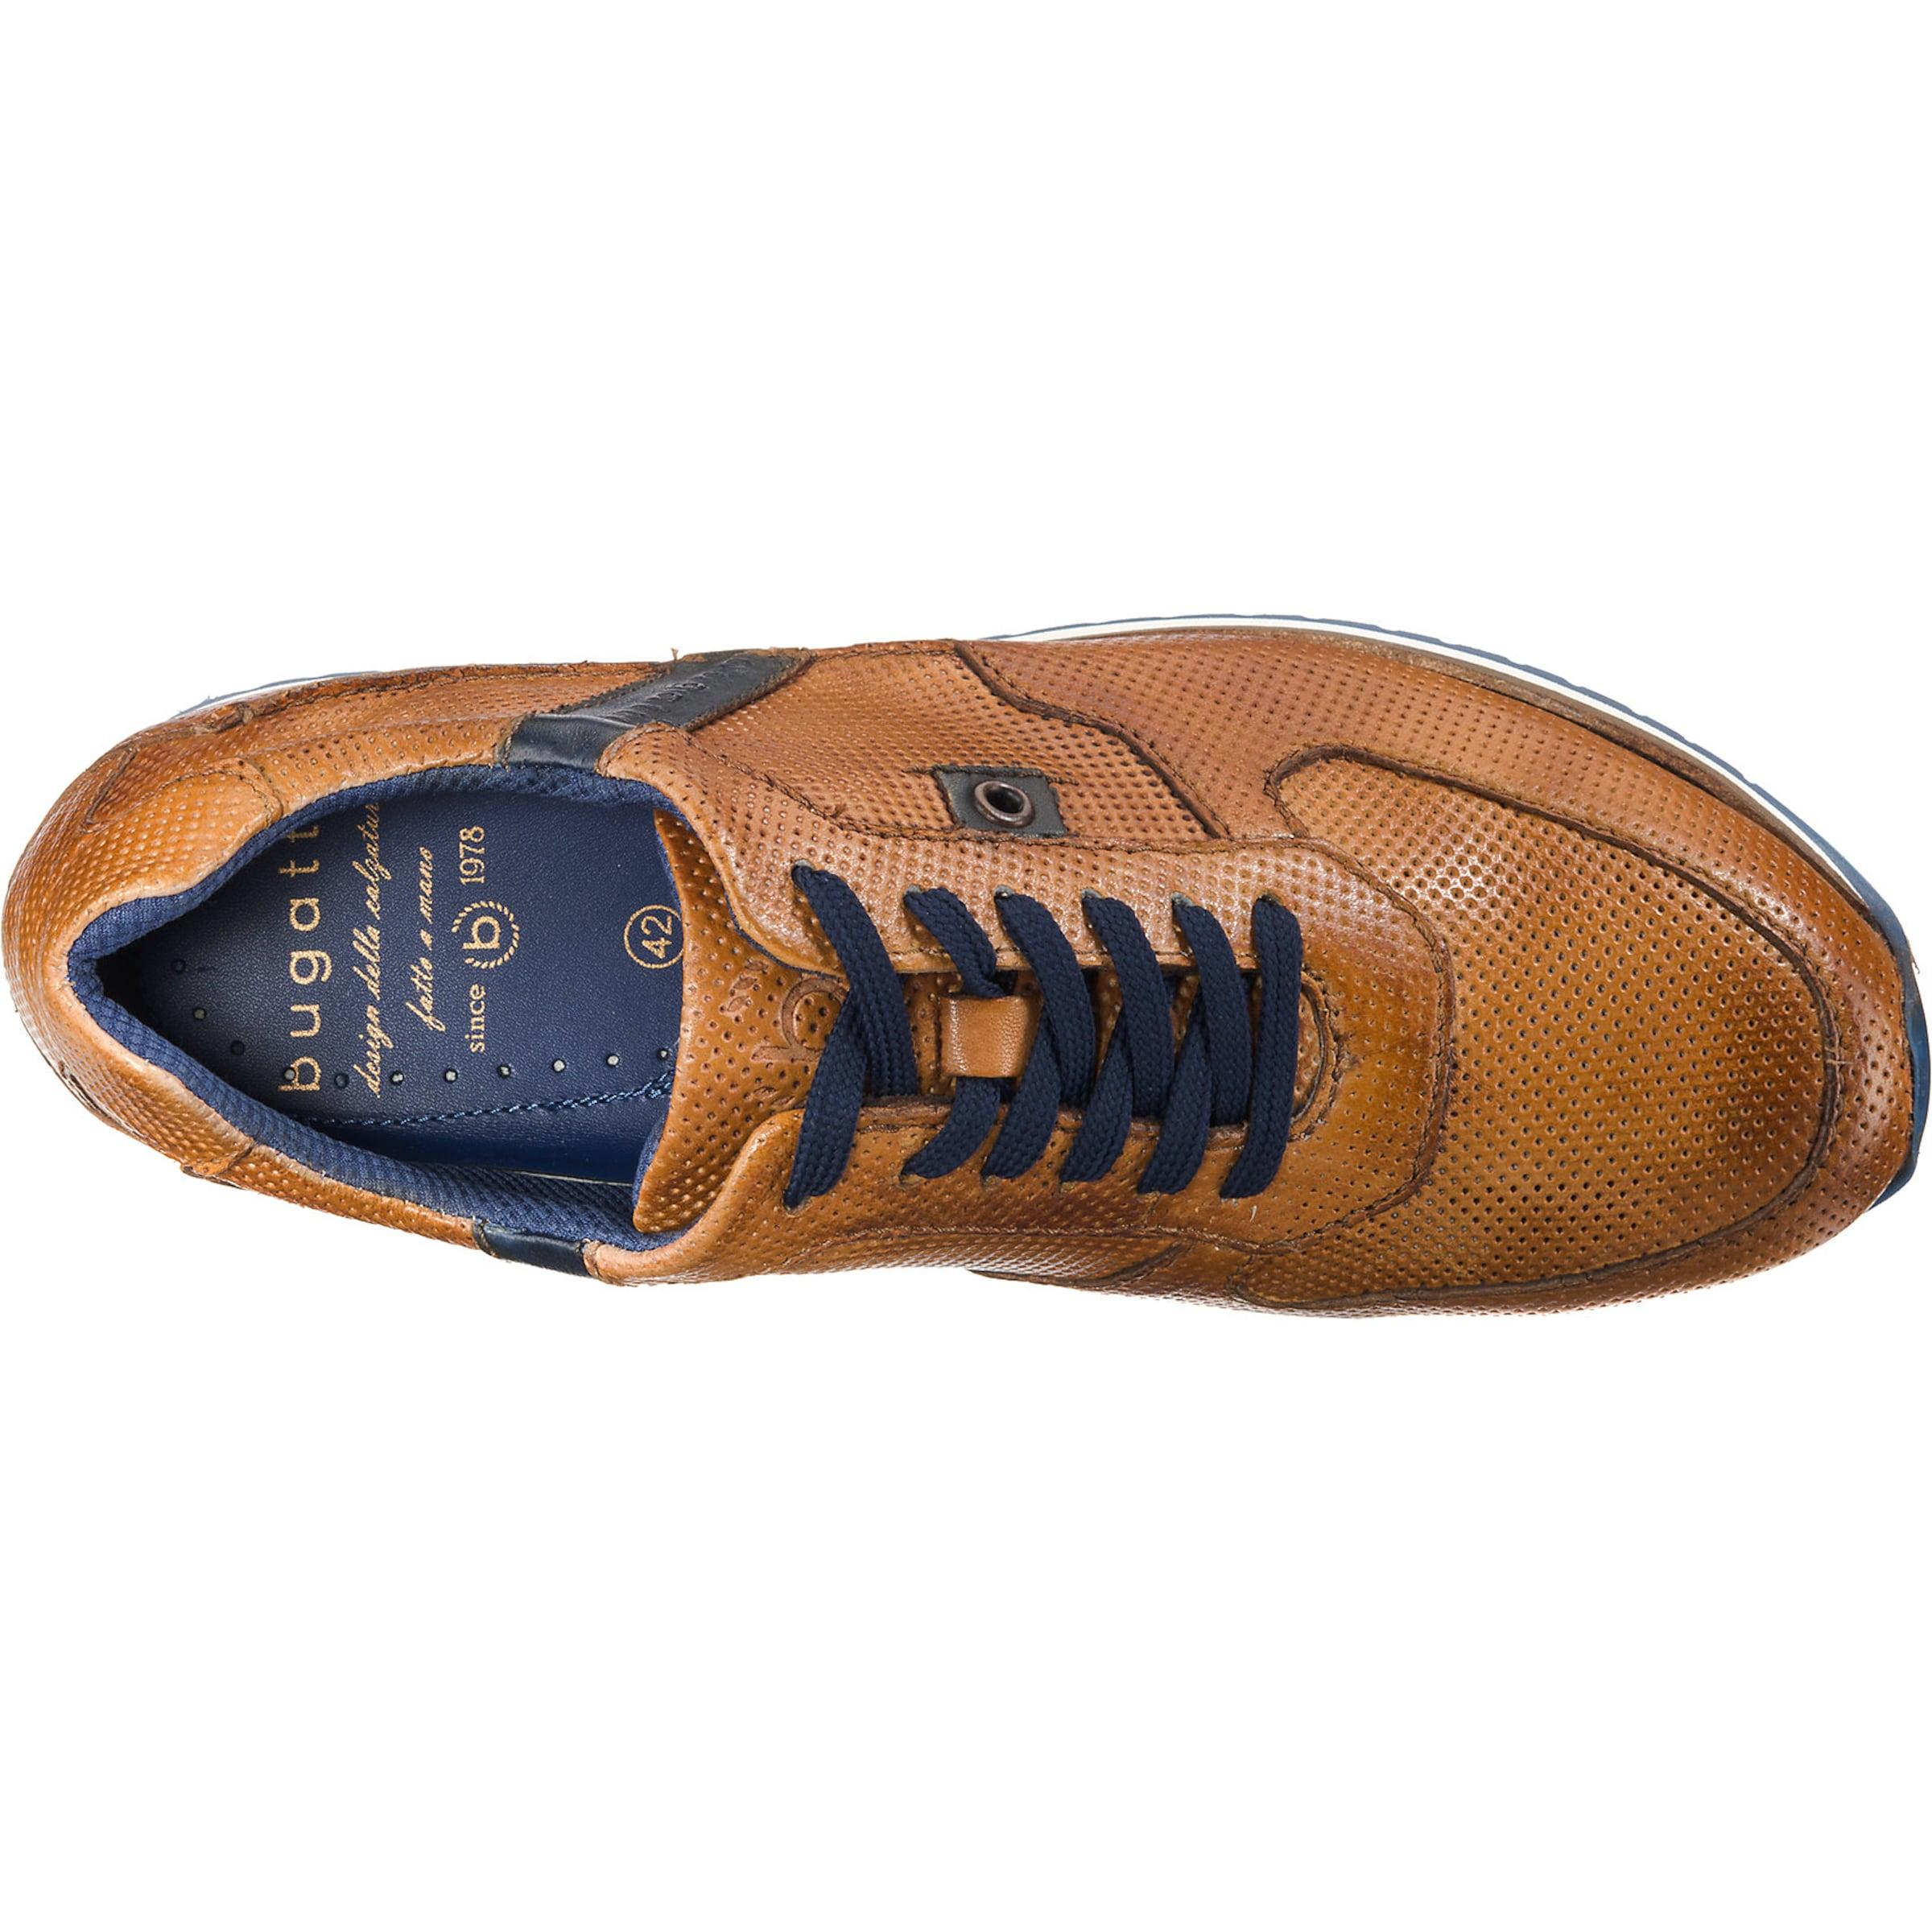 'lanfranco' 'lanfranco' Bugatti In NavyCognac Bugatti Sneaker Sneaker 0wPknO